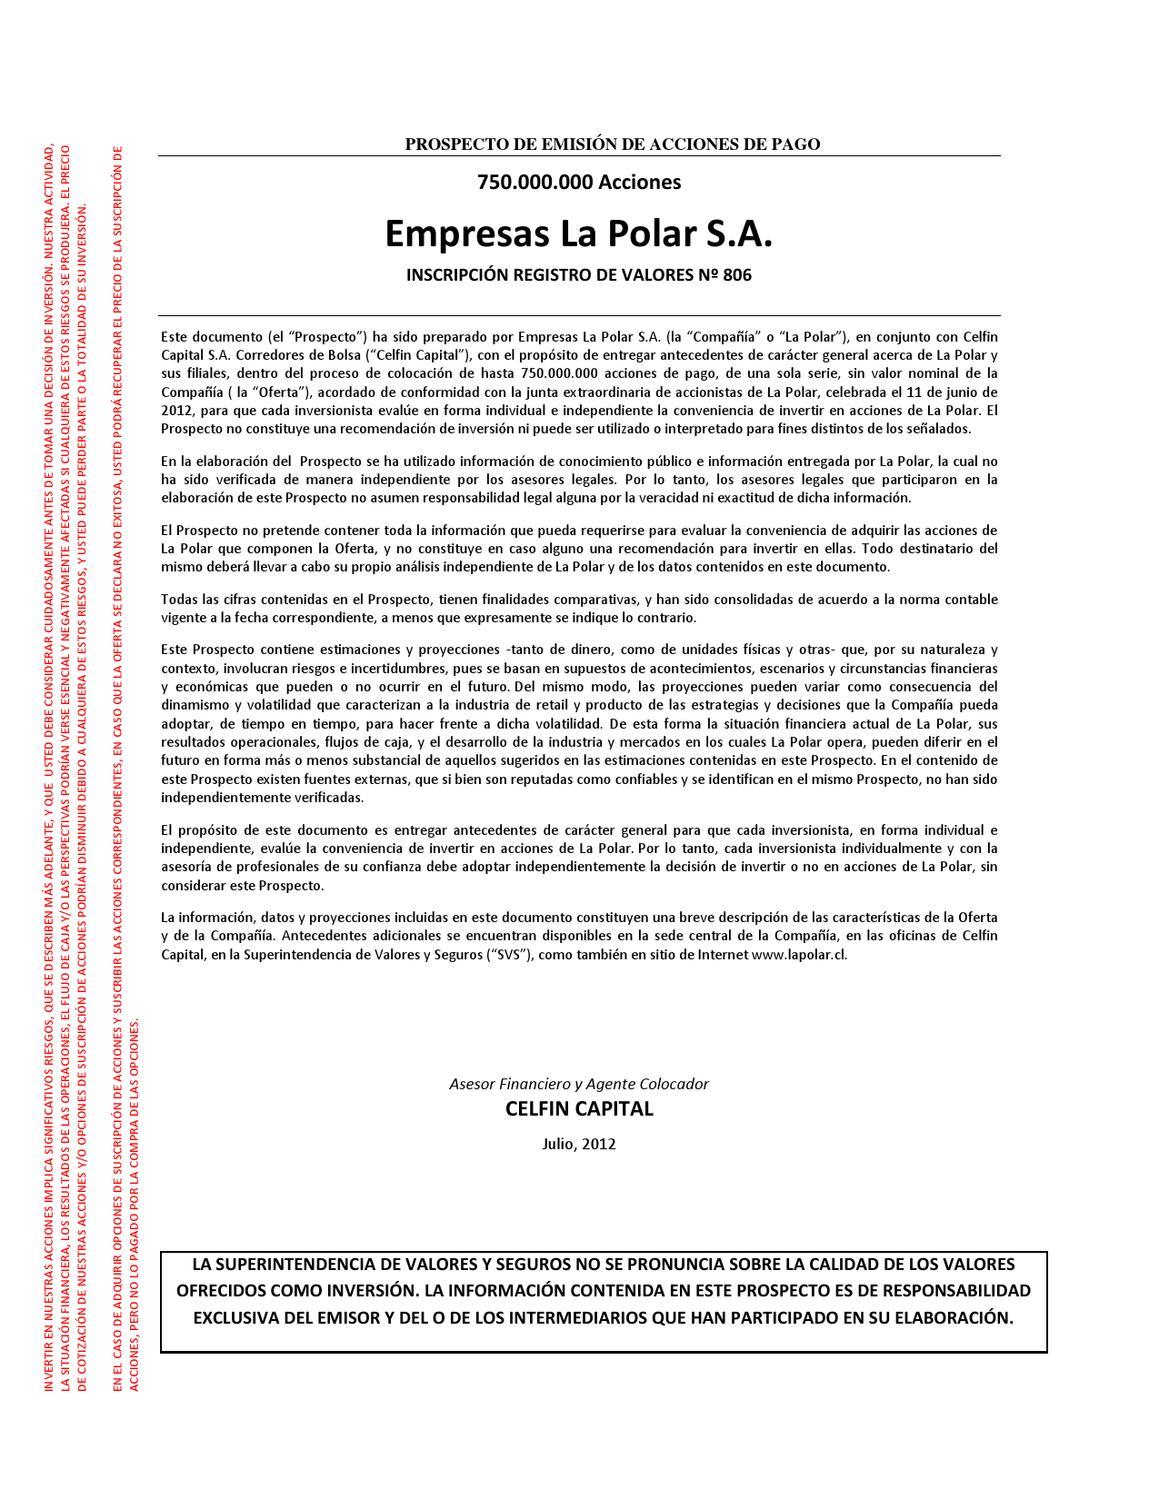 Prospecto de emisión de acciones de pago - julio 2012 by Nueva Polar ...